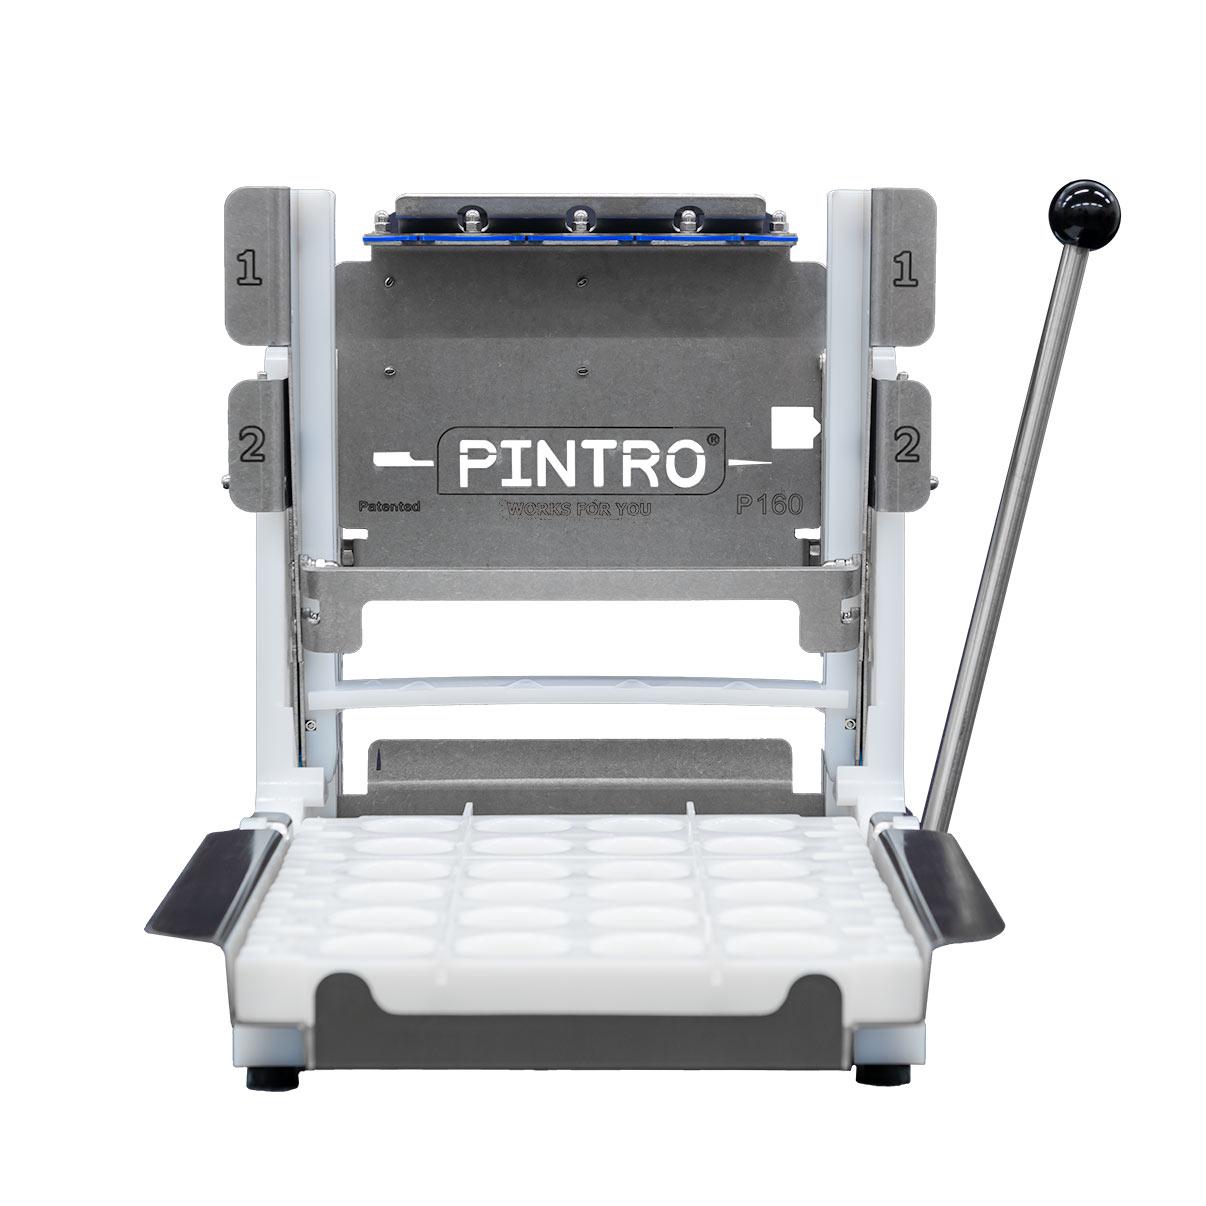 PINTRO P160 spießmaschine manuelle